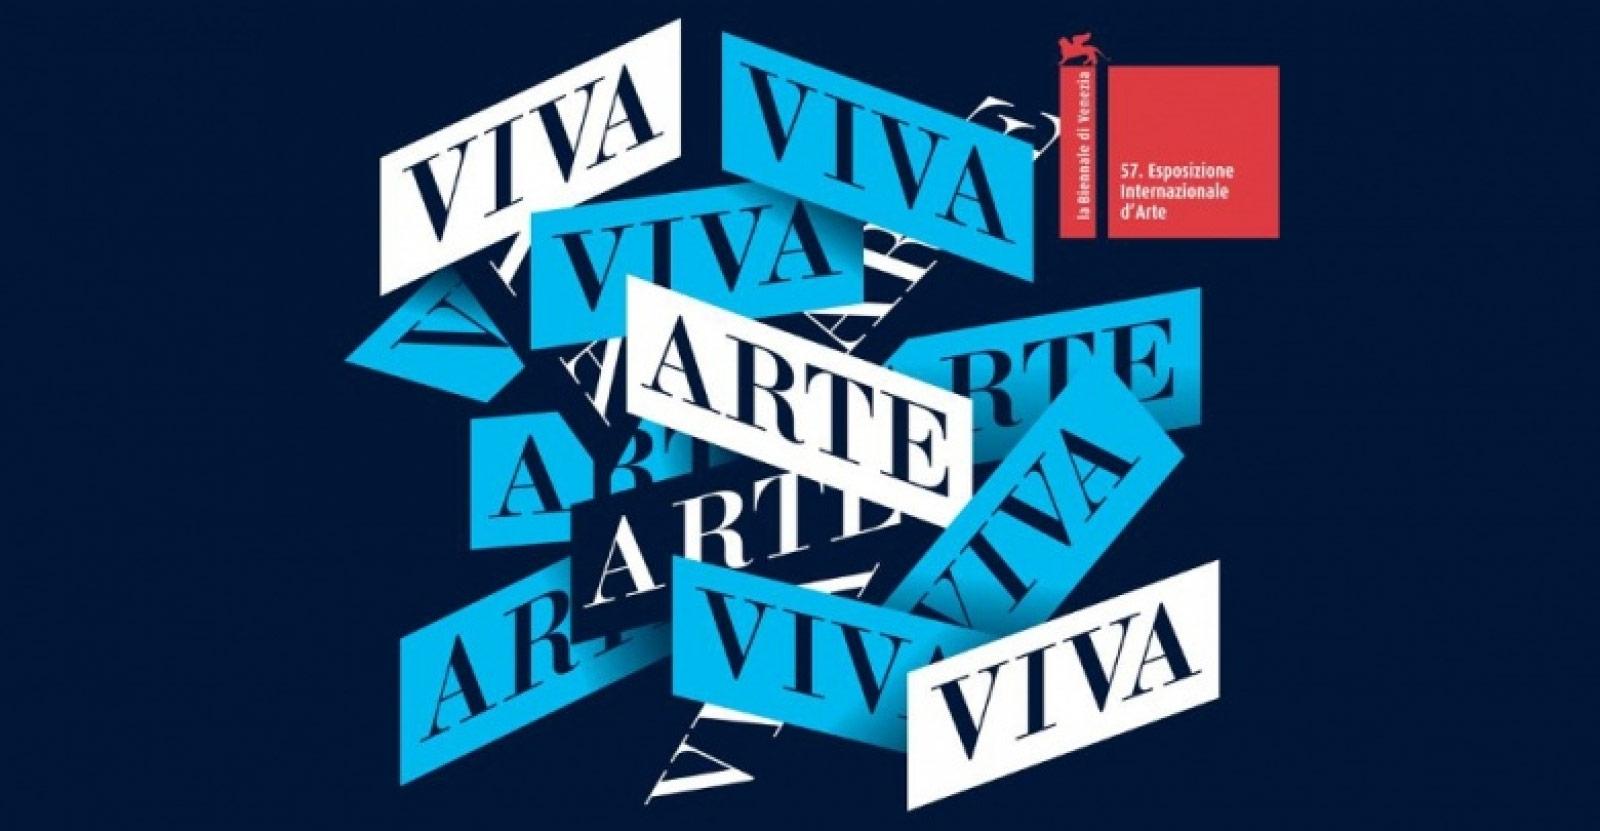 Poster of the 57th International Art Exhibition – Viva Arte Viva